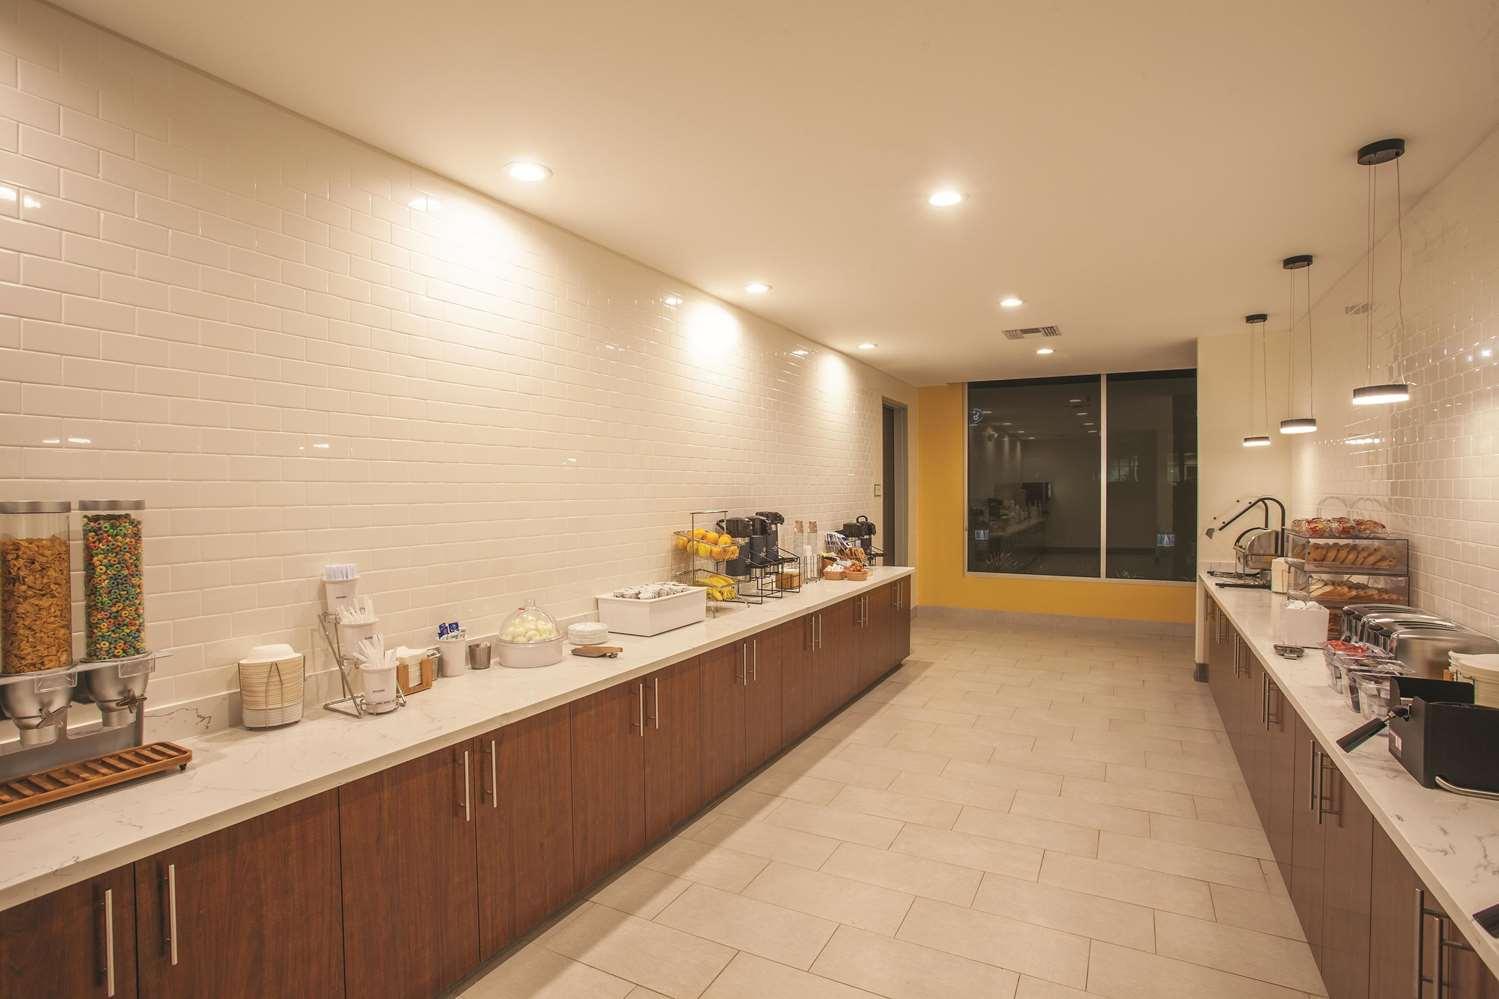 proam - La Quinta Inn & Suites Morgan Hill